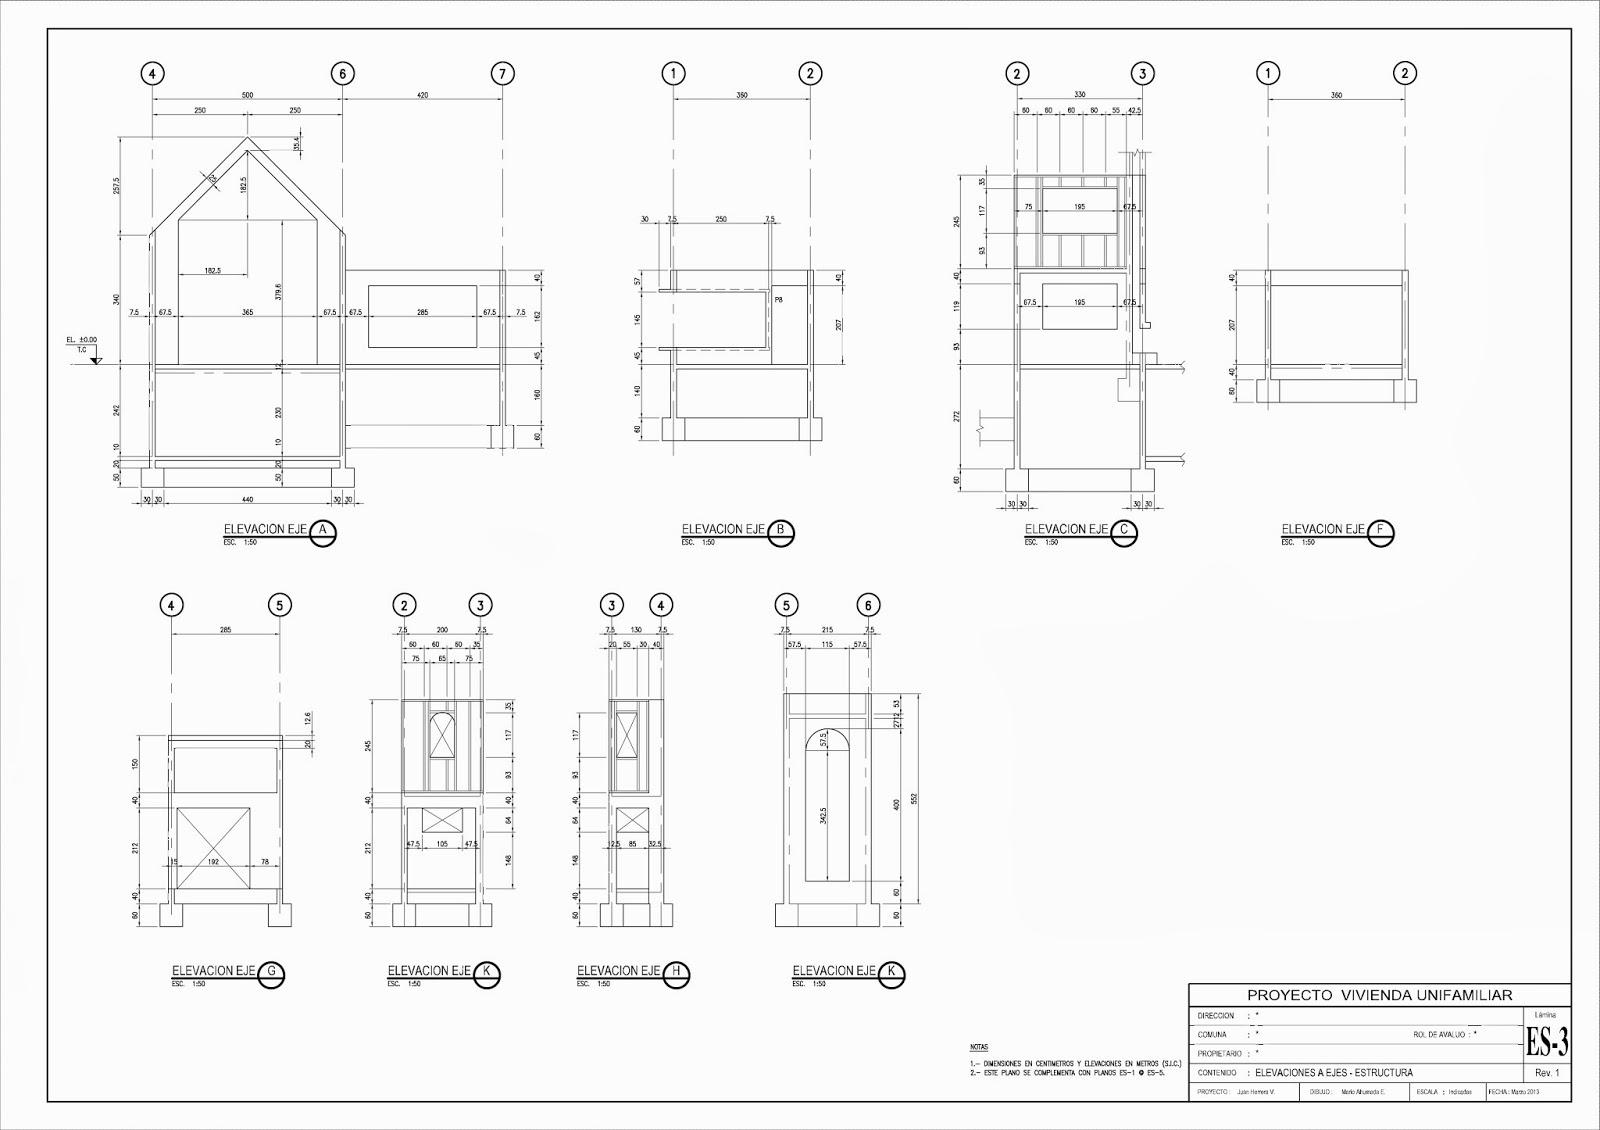 Madibujanteproyectista septiembre 2013 for Planos de estructuras